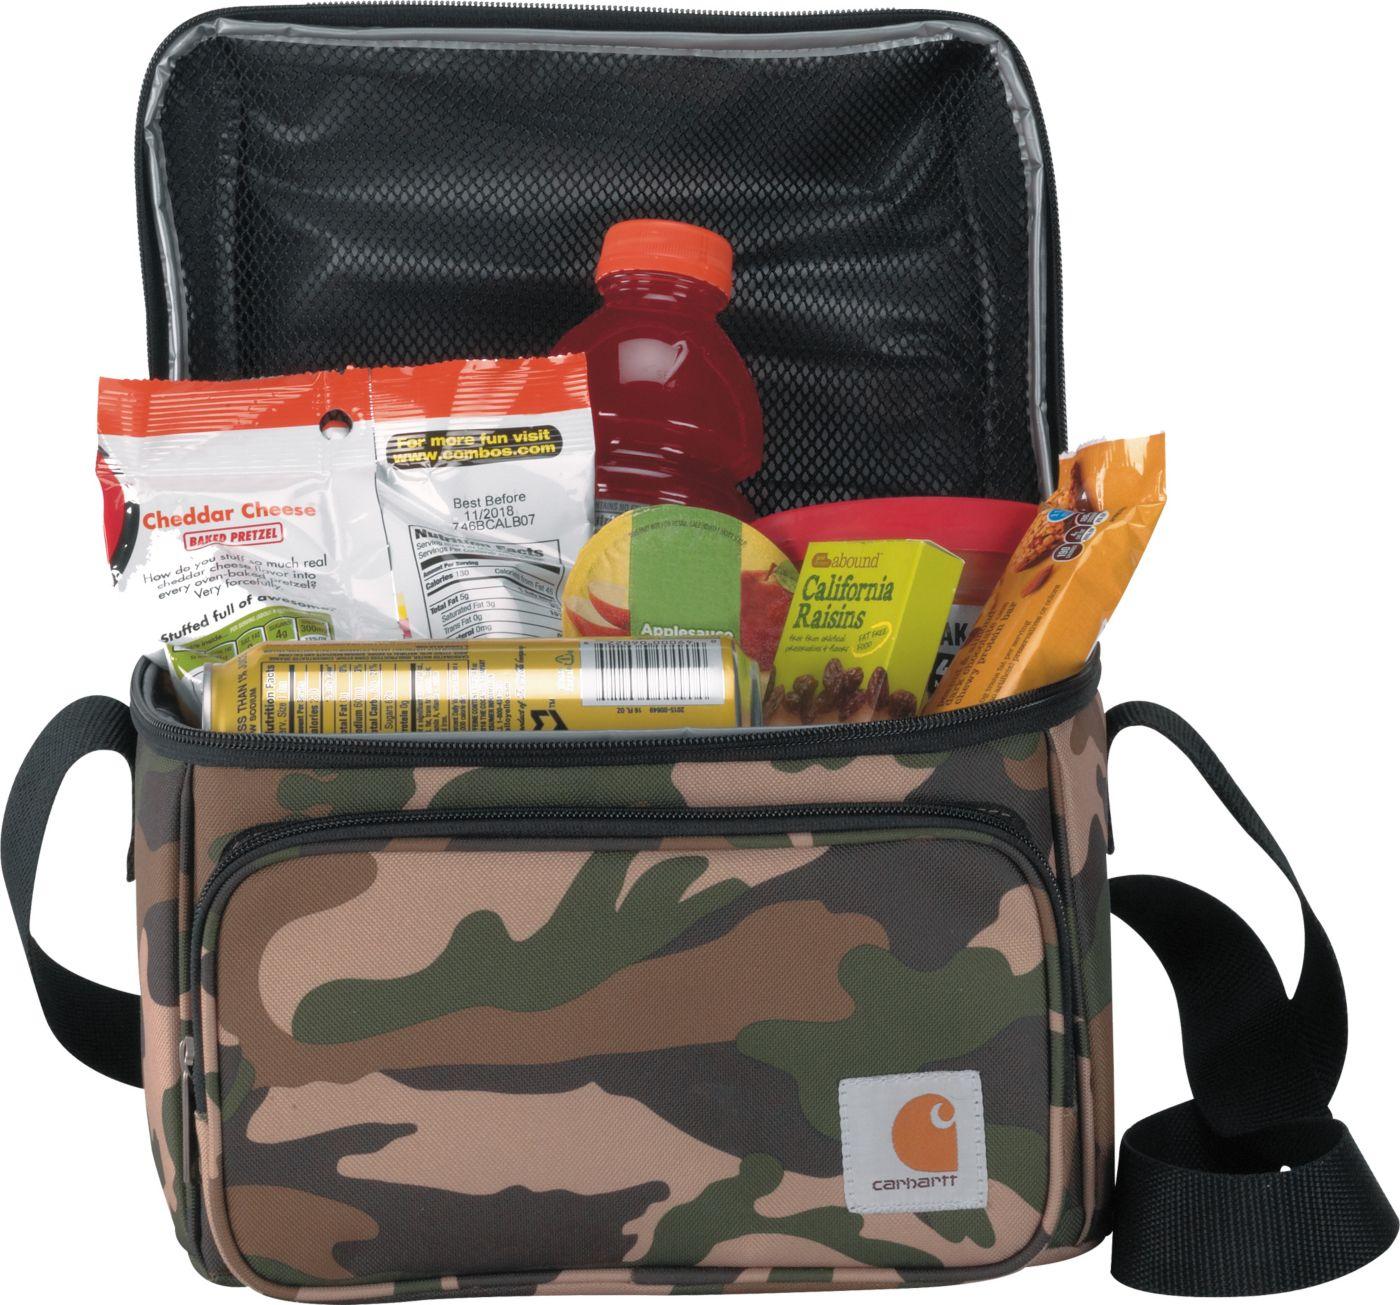 Carhartt Men's Deluxe Lunch Cooler